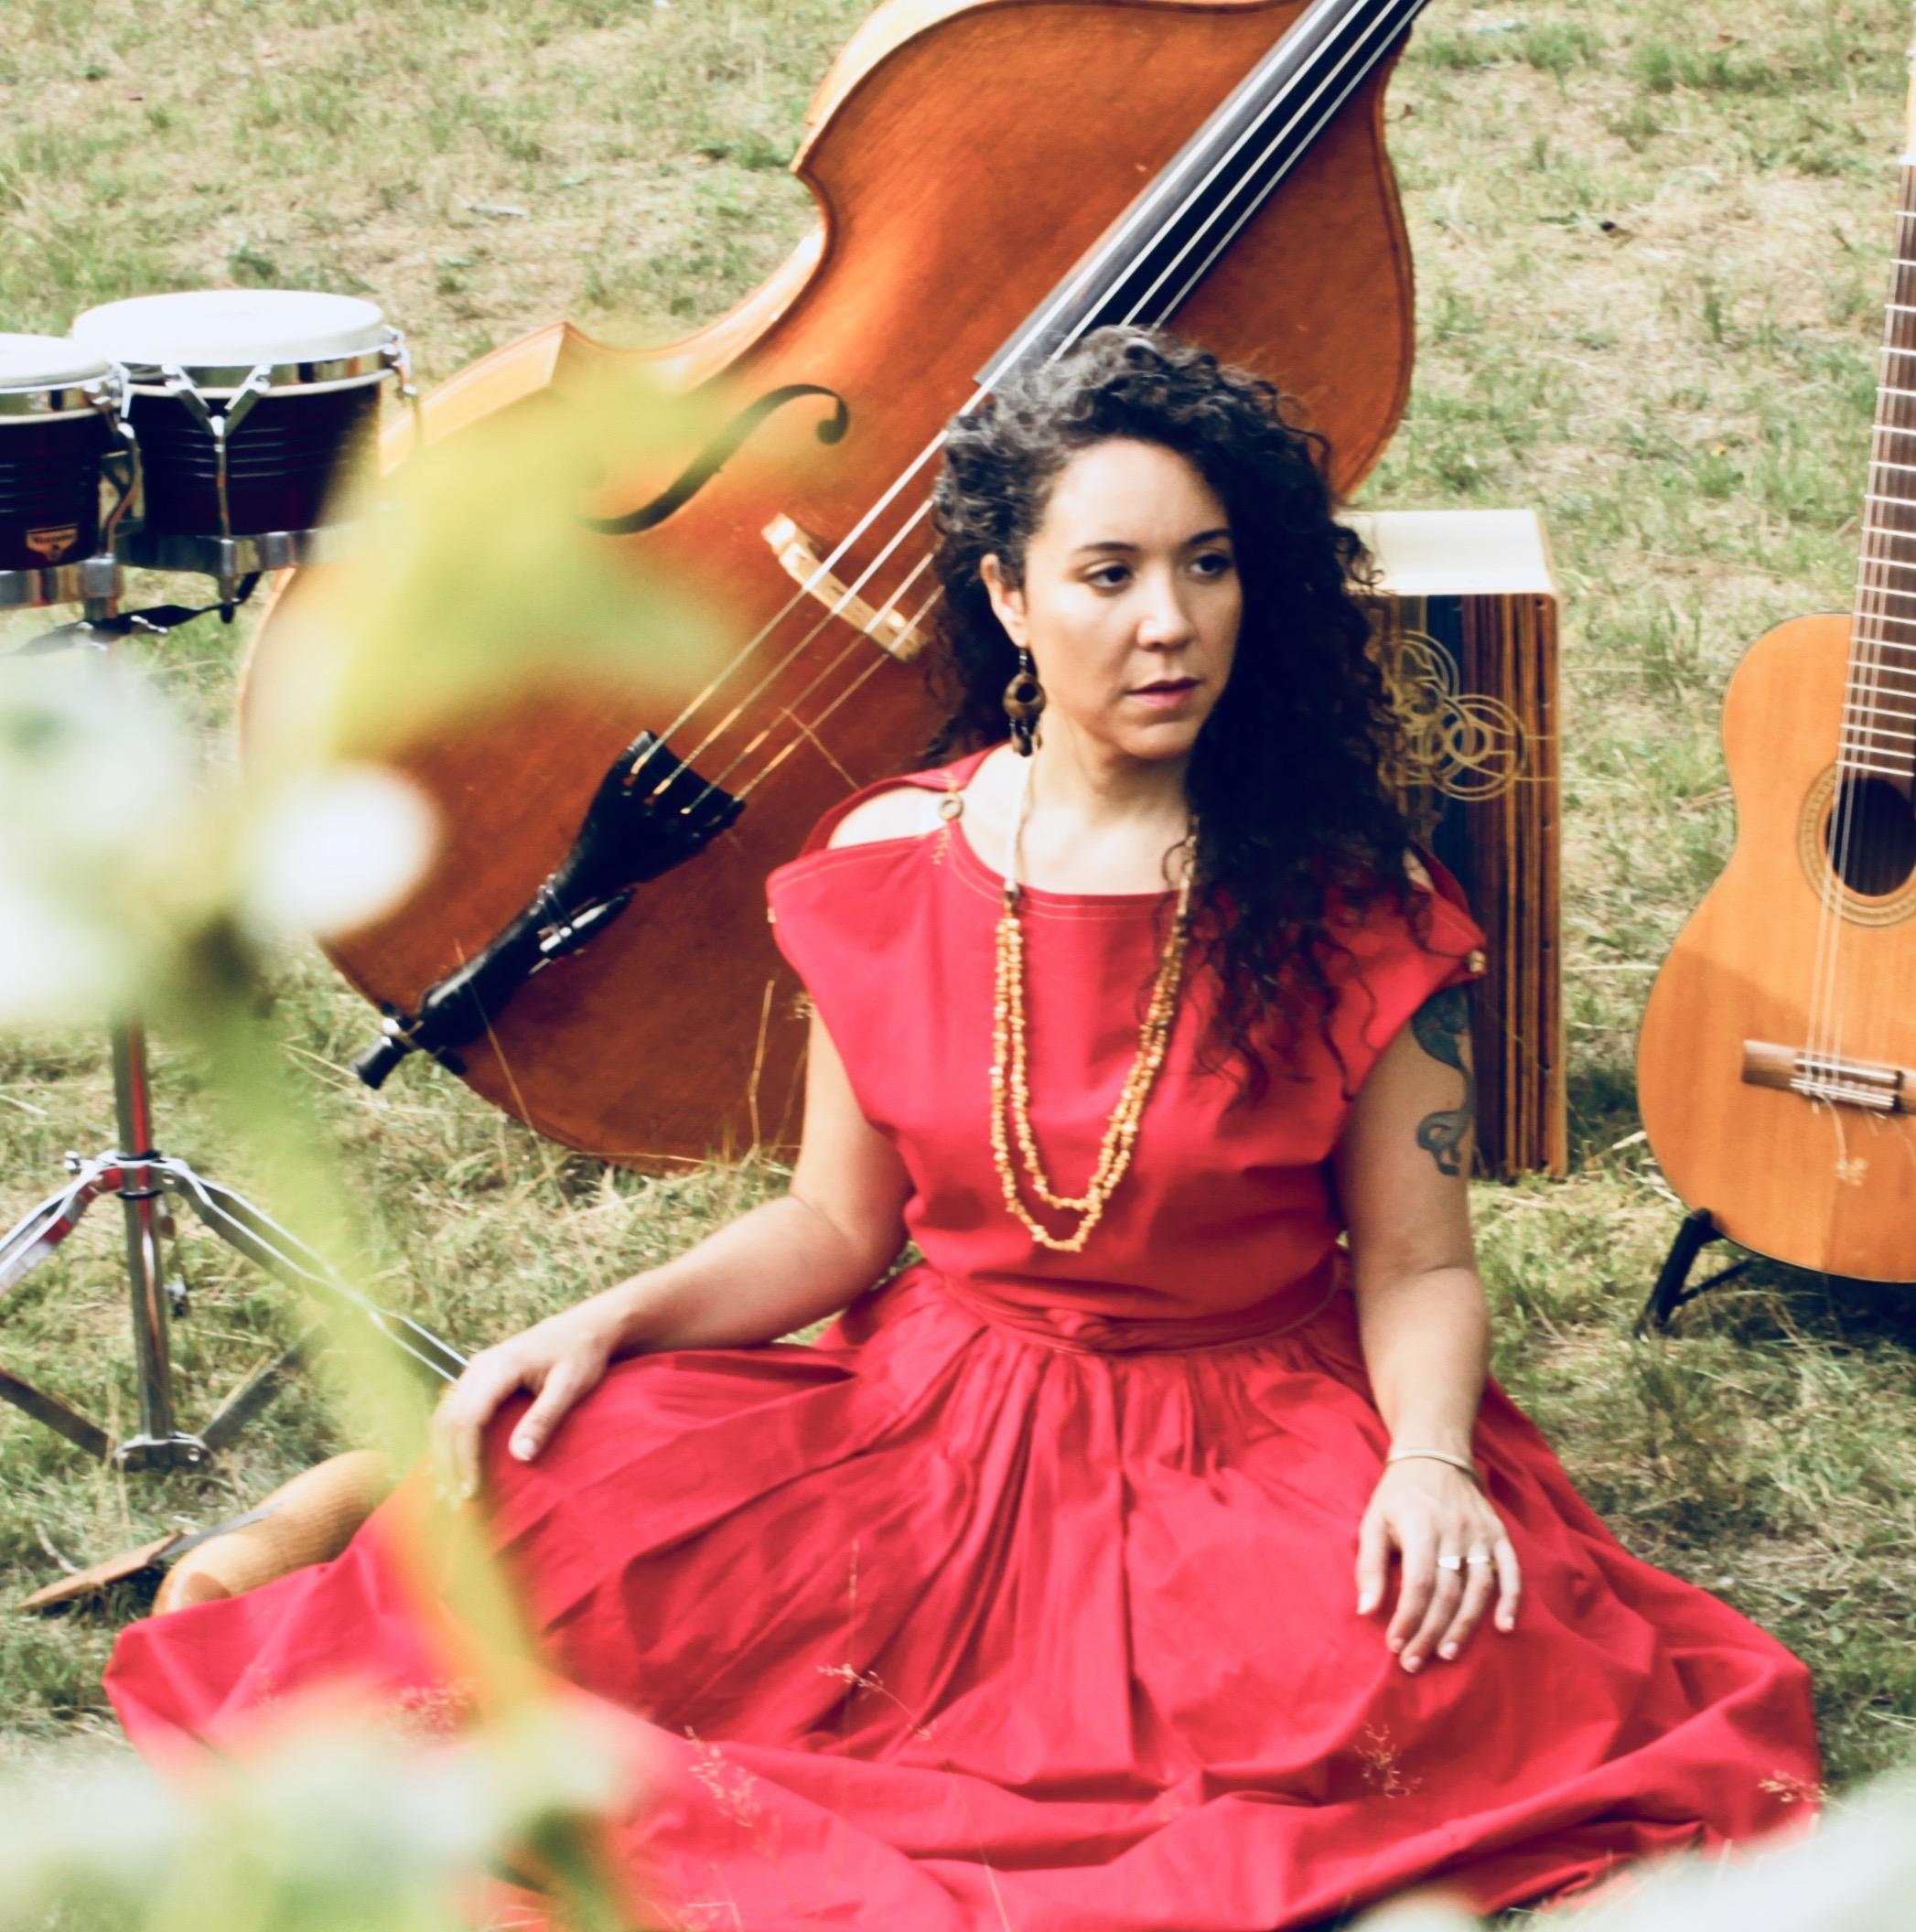 Judith Tellado, Puerto Rico, Spanisch, Musikerin, Lola Kulturzentrum, Freikarten, Veranstaltung, Bergedorf, Hamburg, Sängerin, Malerin